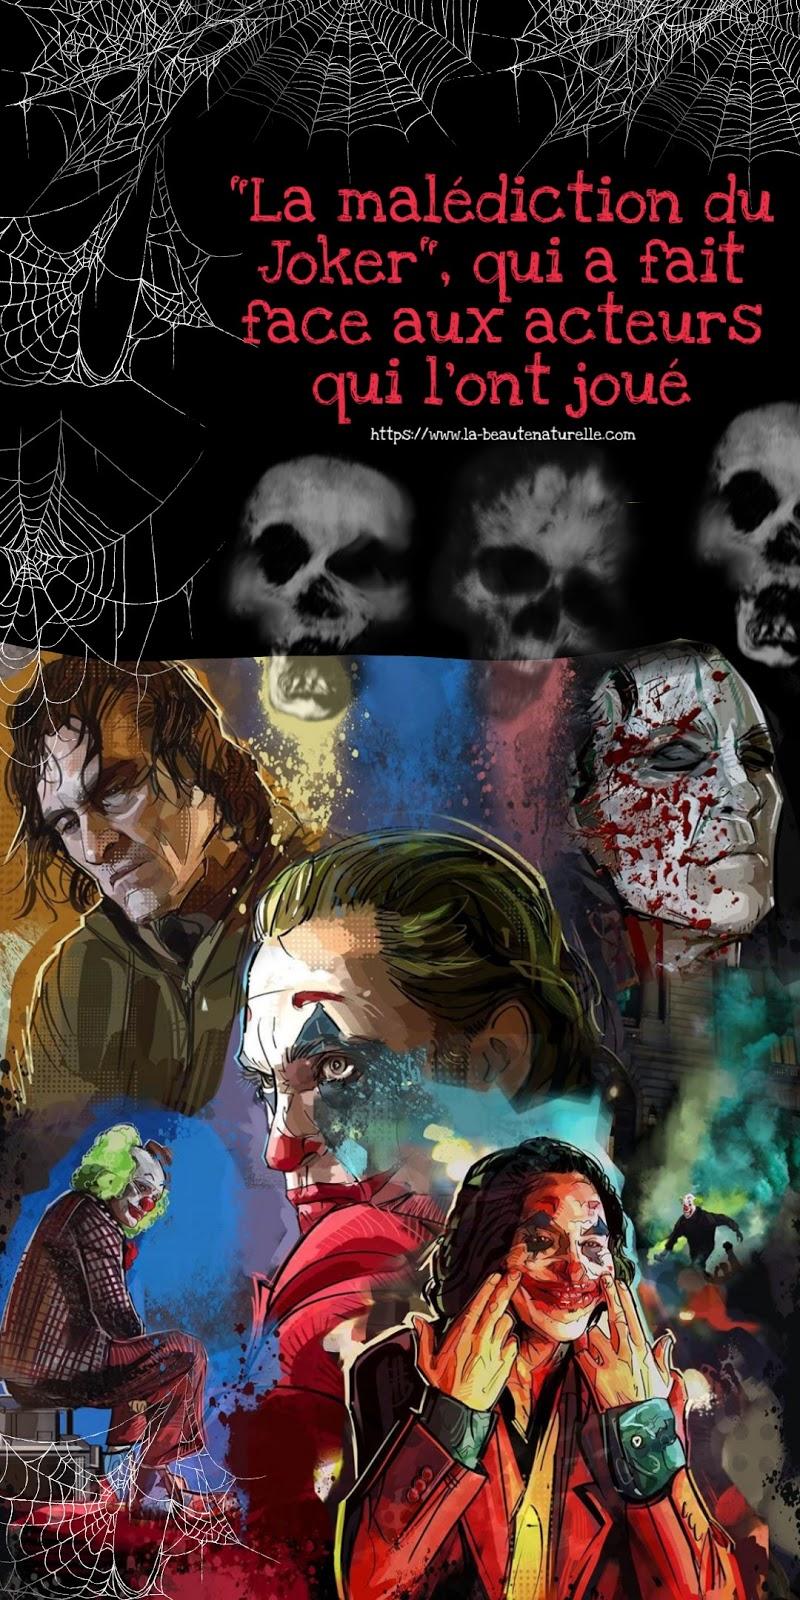 """""""La malédiction du Joker"""", qui a fait face aux acteurs qui l'ont joué"""